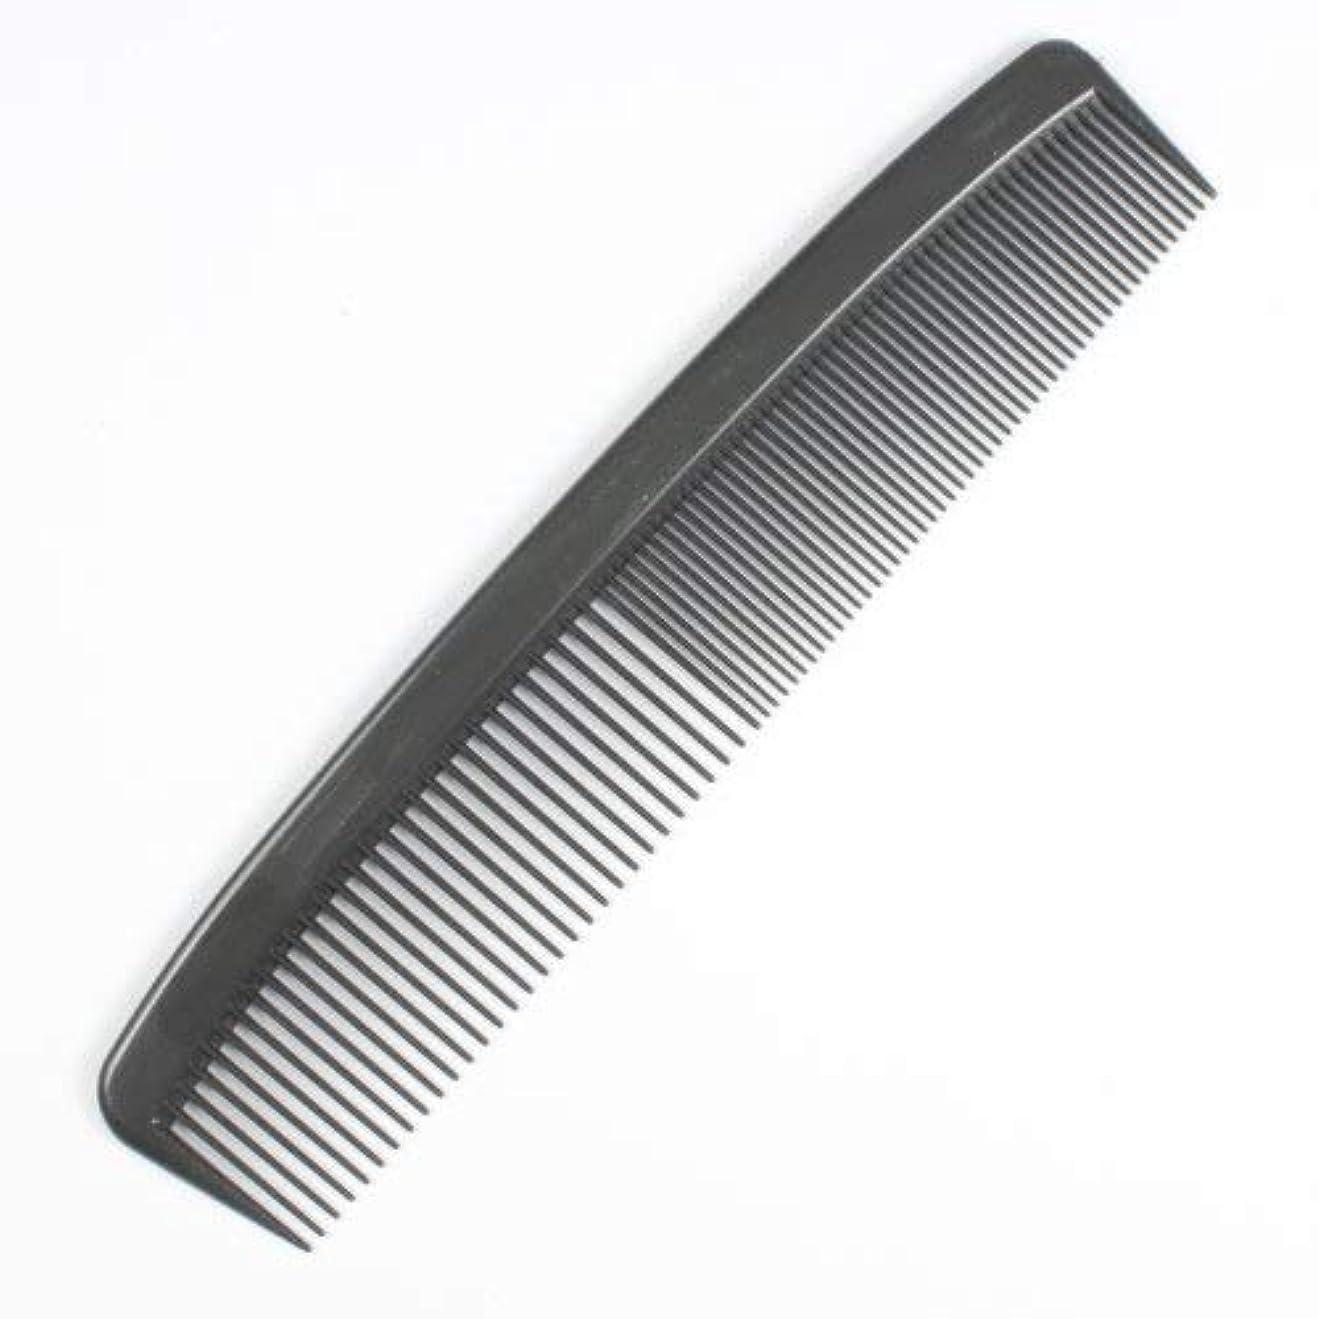 ビュッフェ裏切り者気取らないDynarex Adult Combs, 5 Inches, Black, 240 Count [並行輸入品]